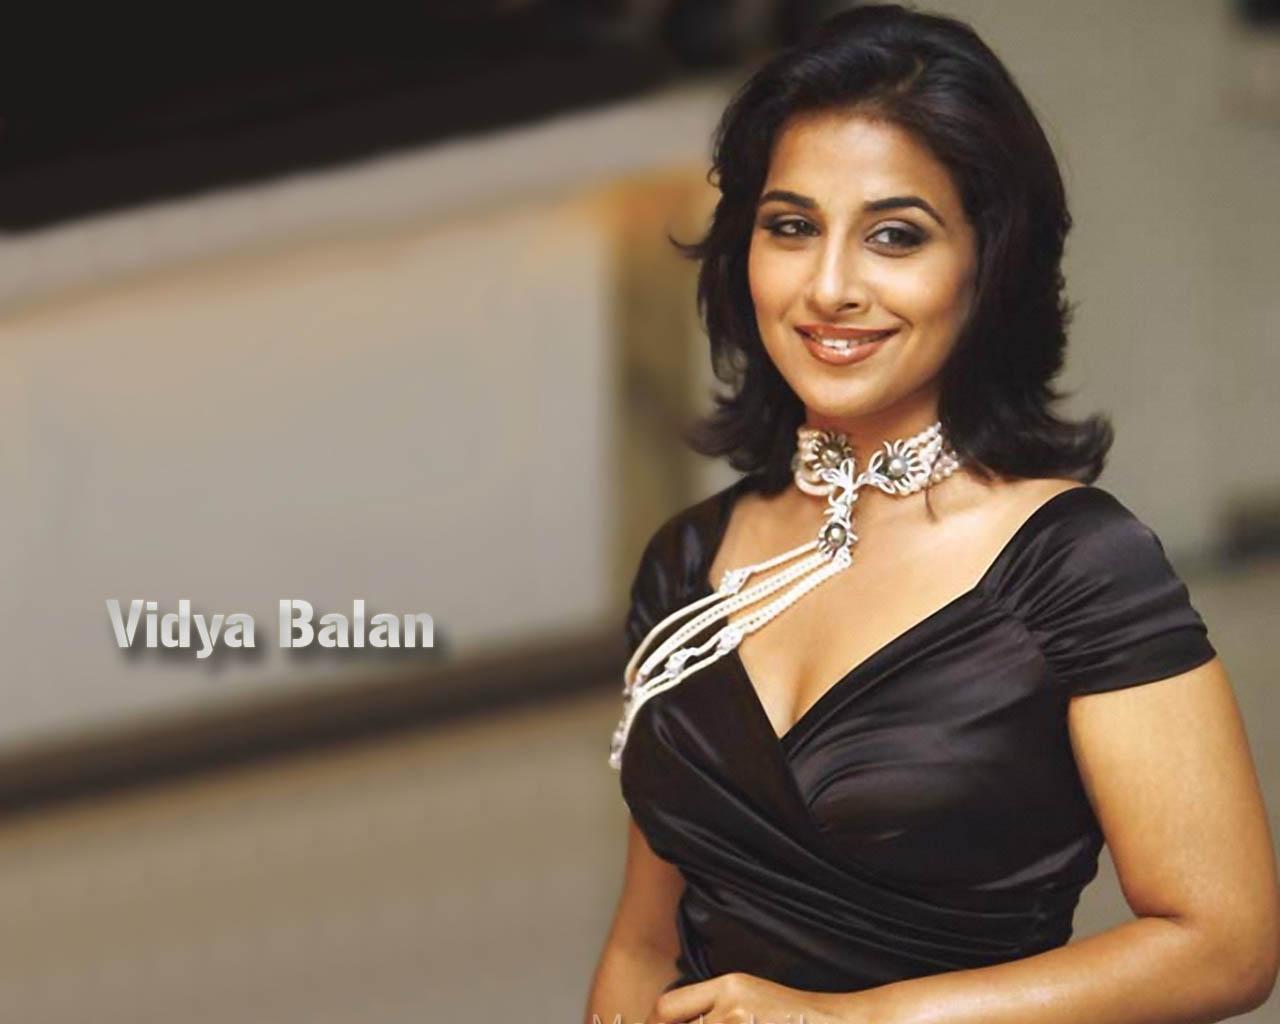 Vidya Balan Hot  Sexy Photo-5621